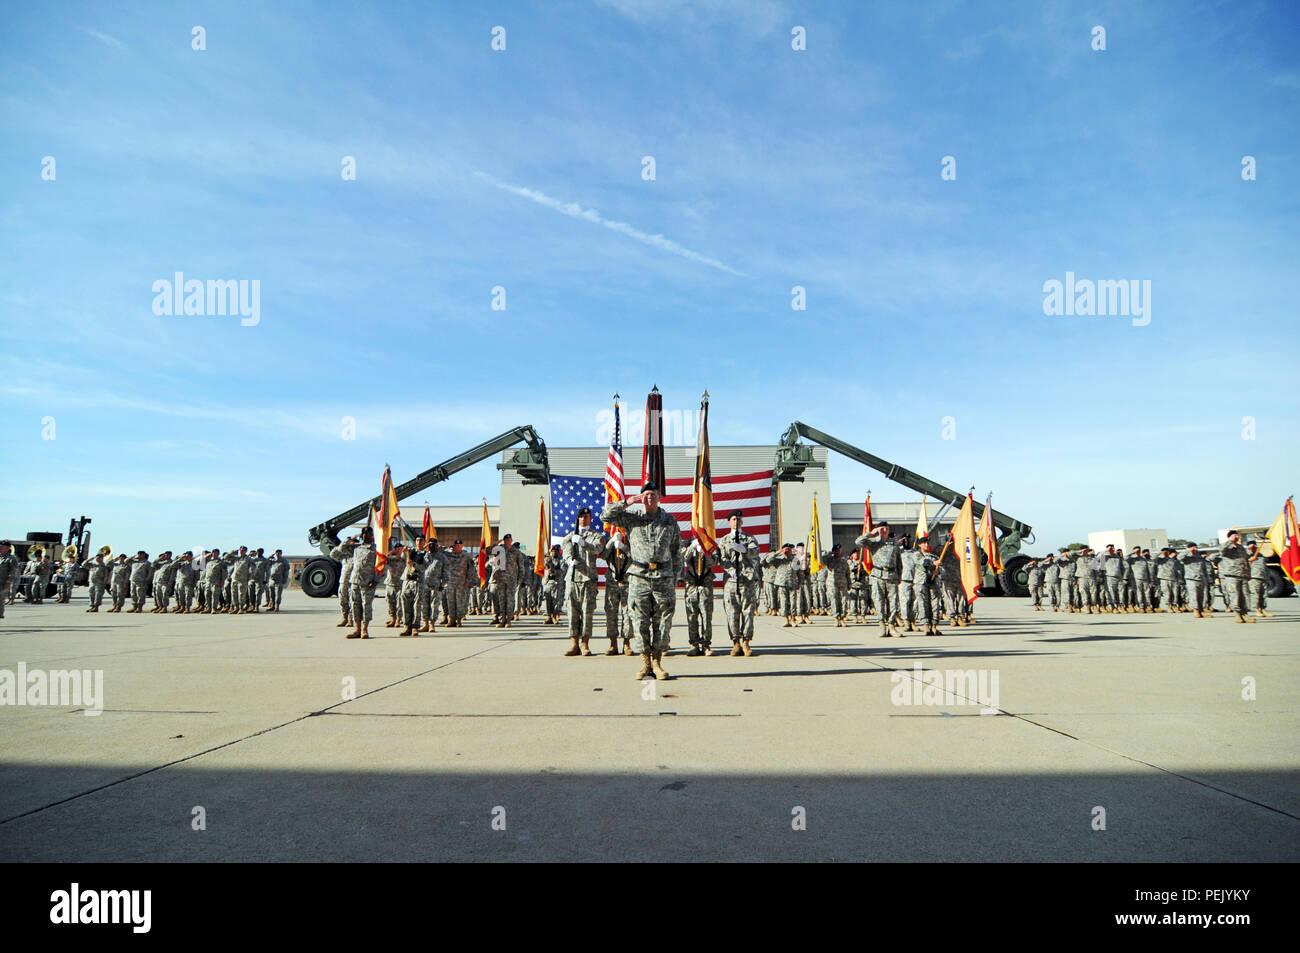 El comandante de la Reserva del Ejército, el Teniente General Jeffrey Talley, presidieron una ceremonia de cambio de mando de la 79ª Logística Comando de Apoyo entre Gral. Gen. Mark Palzer, el próximo 79º comandante general del Comando de Apoyo de sostenimiento y Gral. Gen. Megan Tatu, comandante general saliente, a base de Formación de Fuerzas Conjuntas, Los Alamitos, California, 5 de diciembre de 2015. (Ee.Uu. Foto del ejército por el SPC. Heather Doppke/liberado) Imagen De Stock